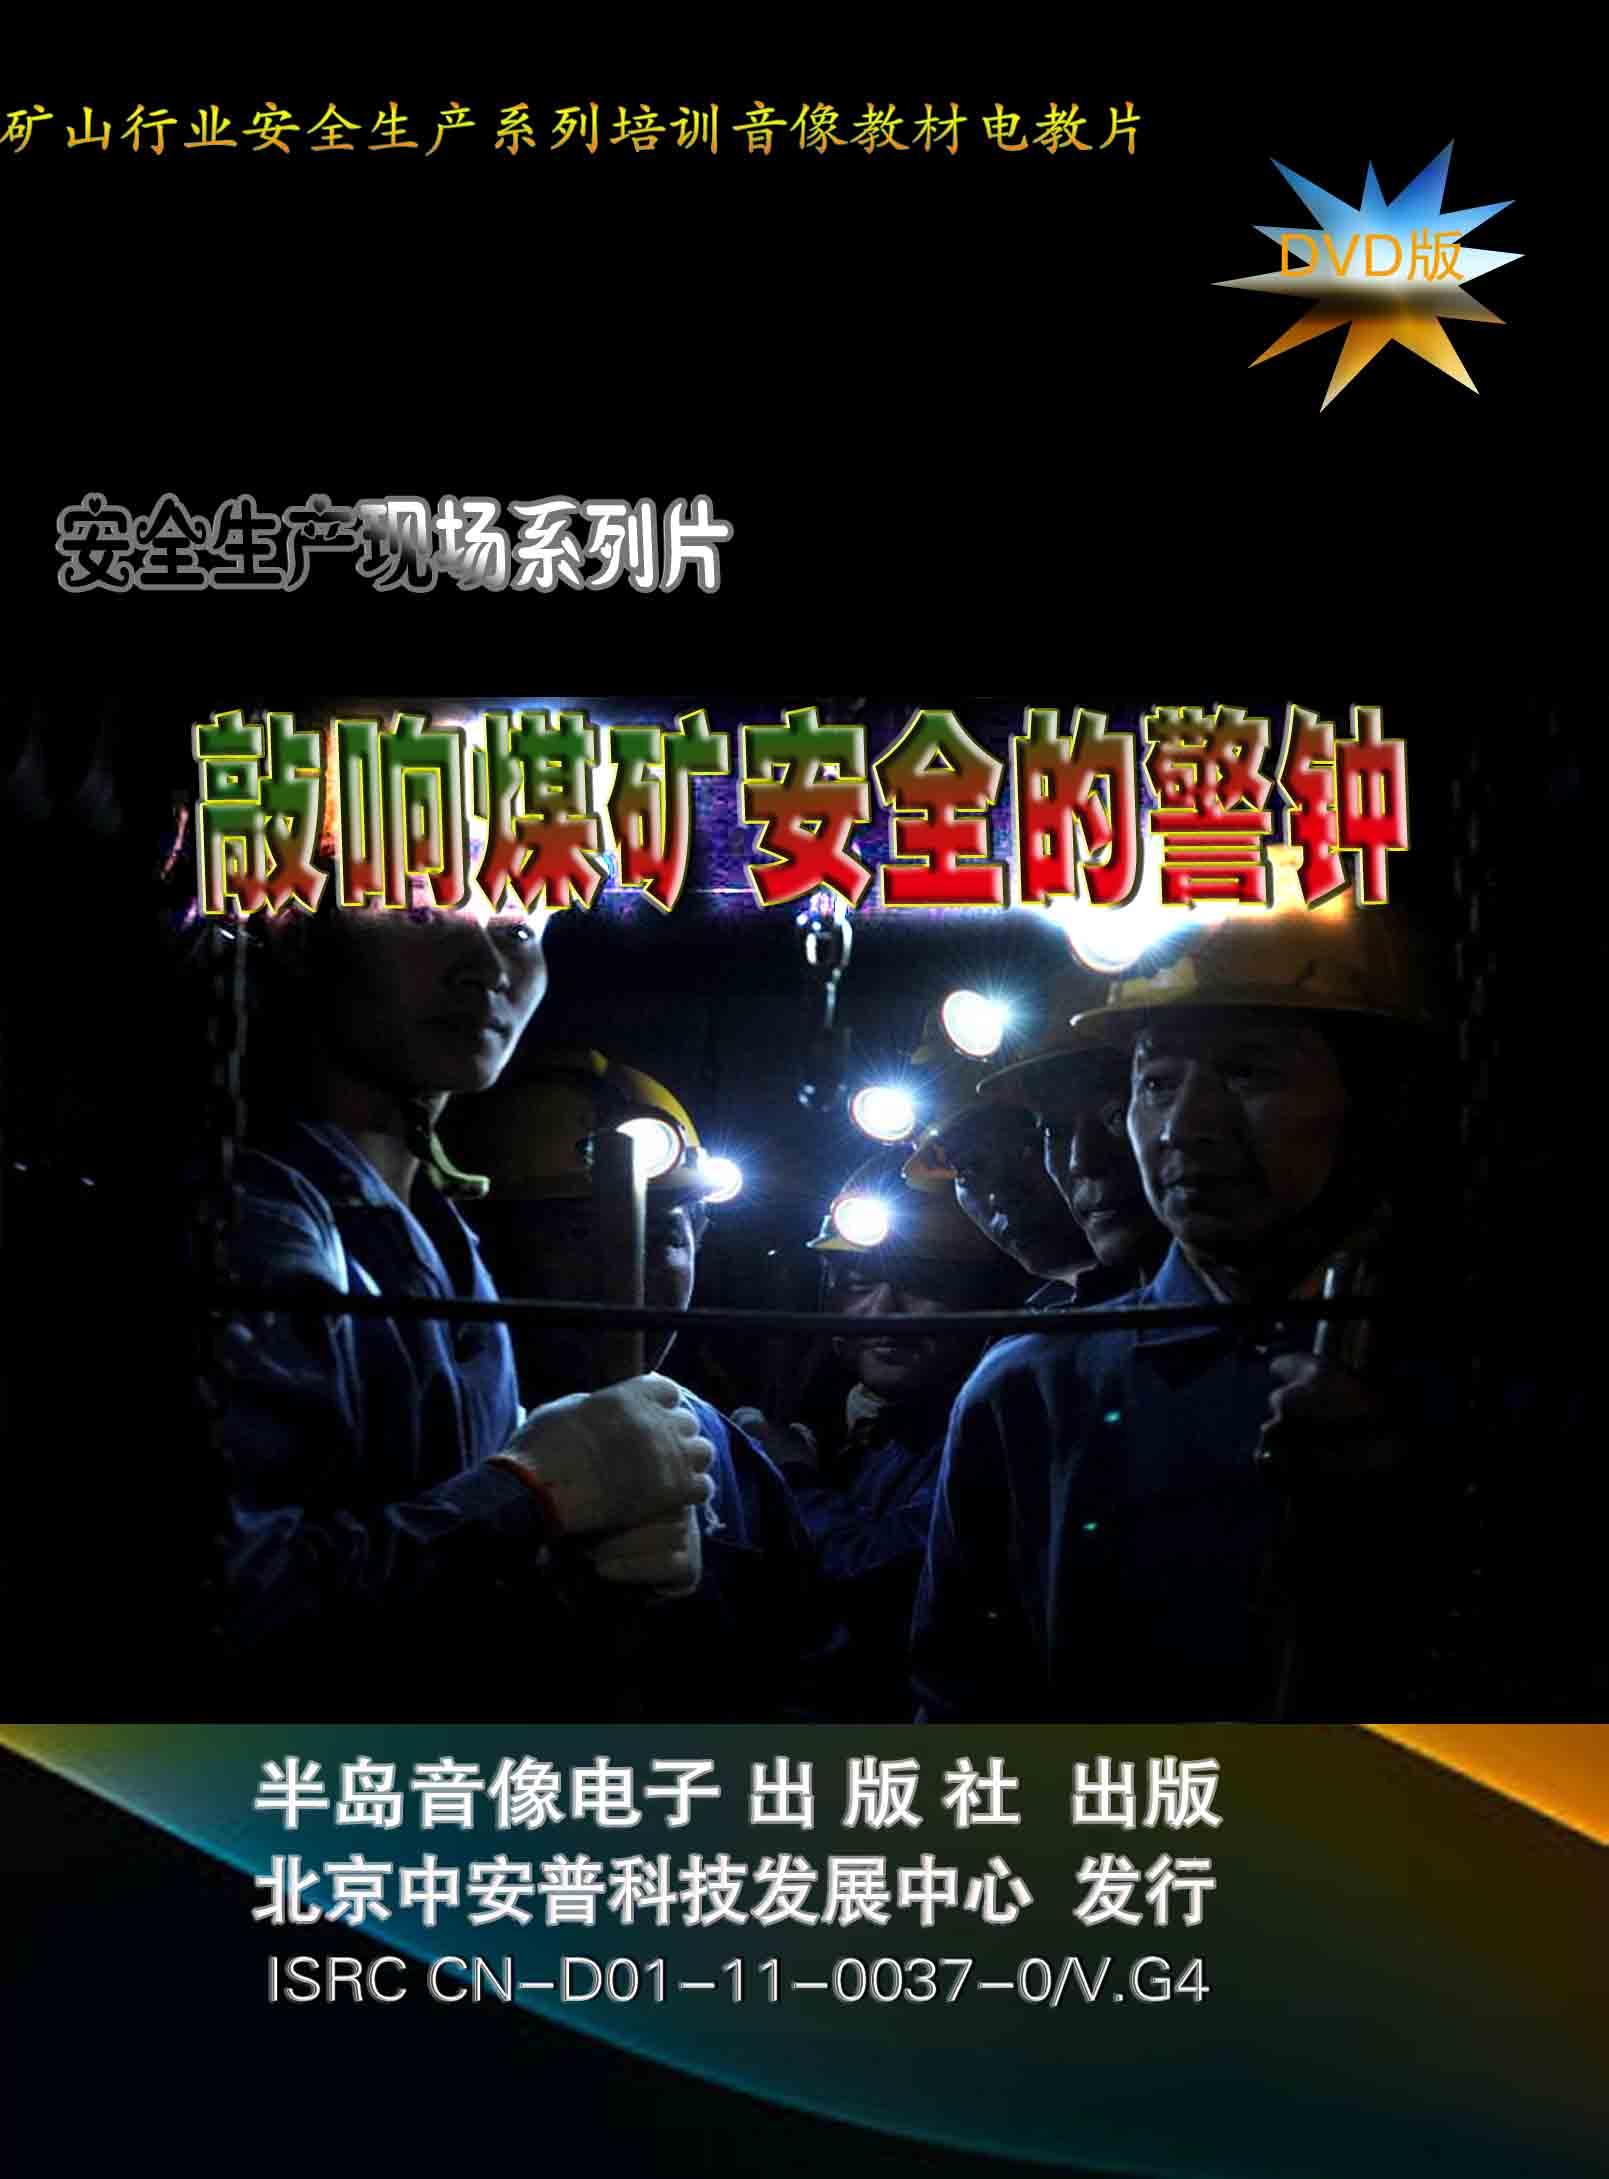 敲响煤矿腾博会的警钟-腾博会生产现场培训系列片